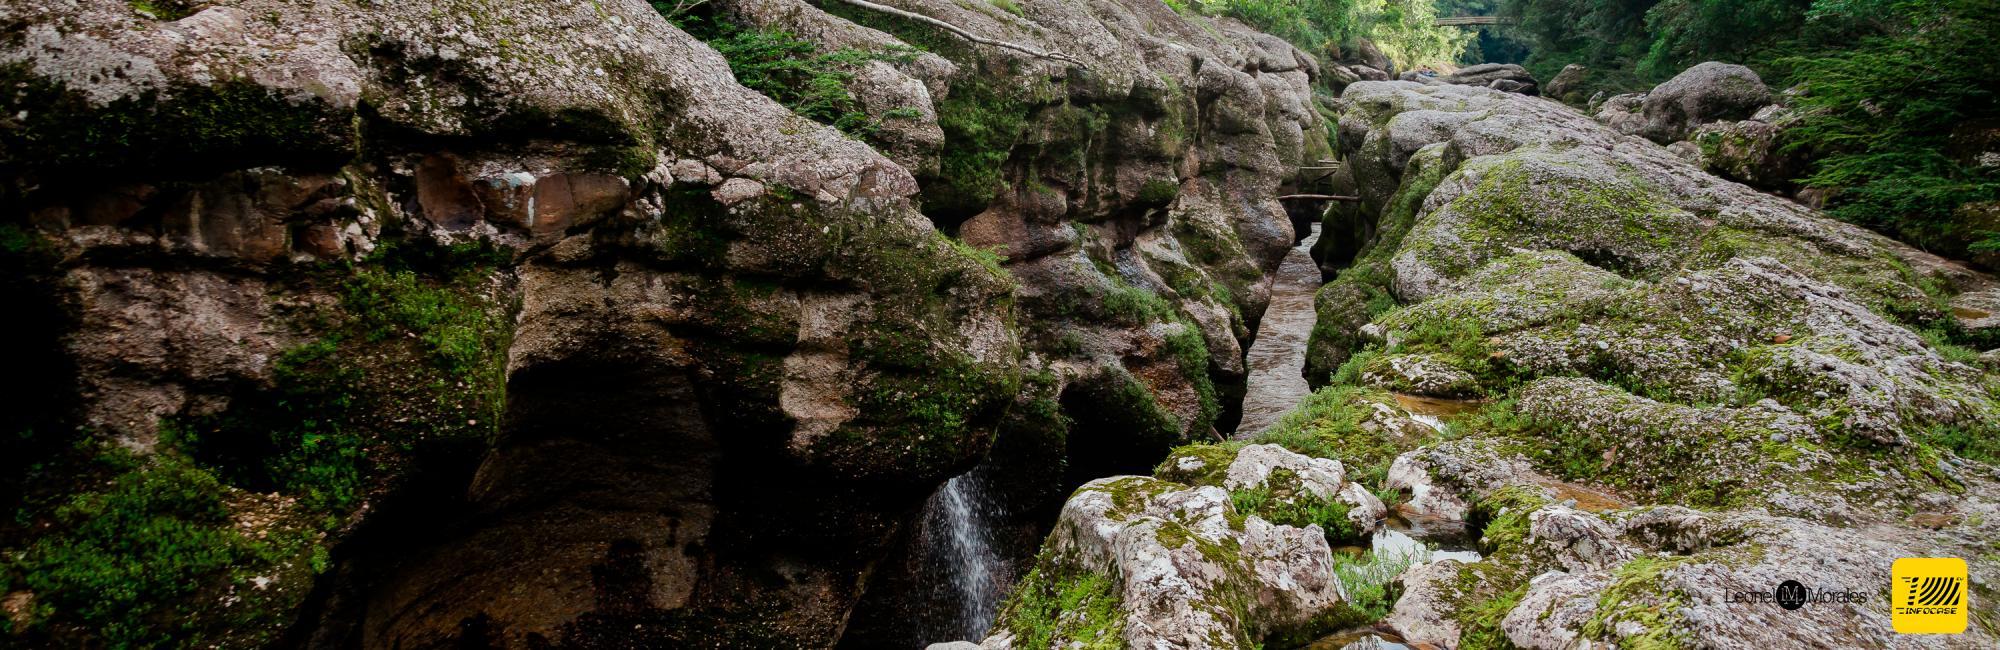 Mandiyaco Canyon